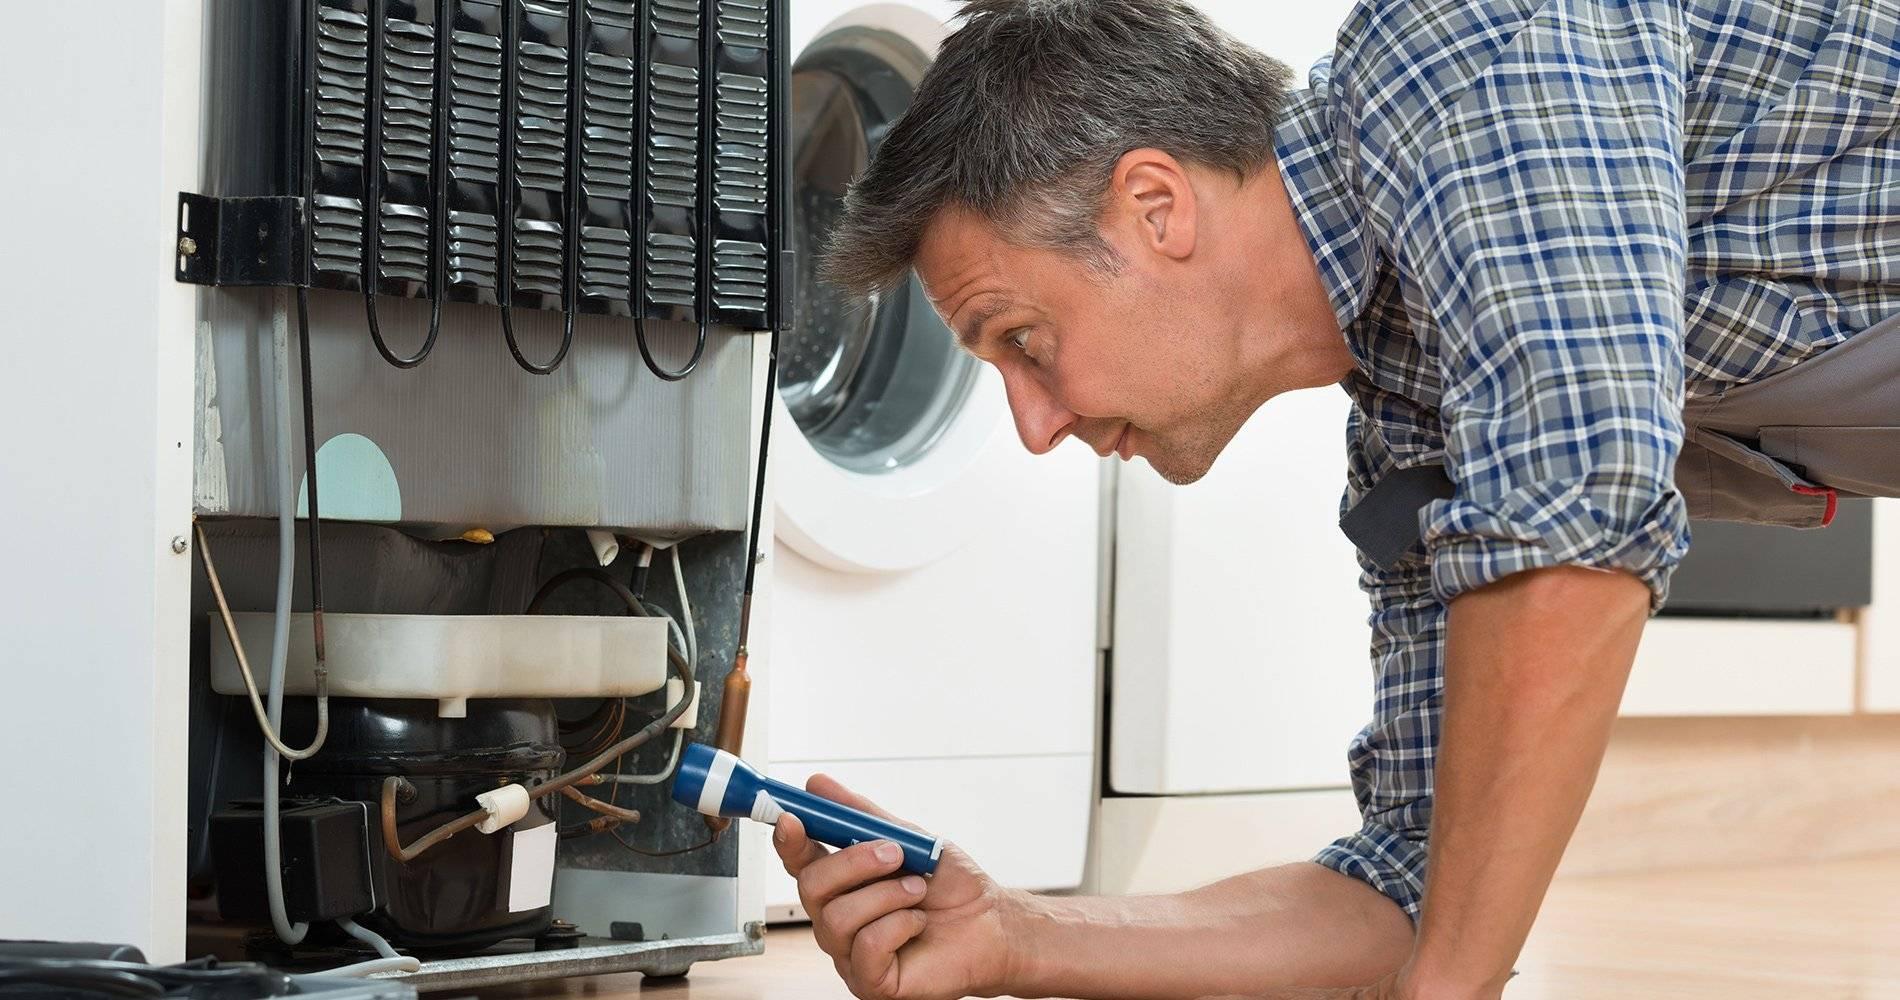 Почему холодильник постоянно работает?